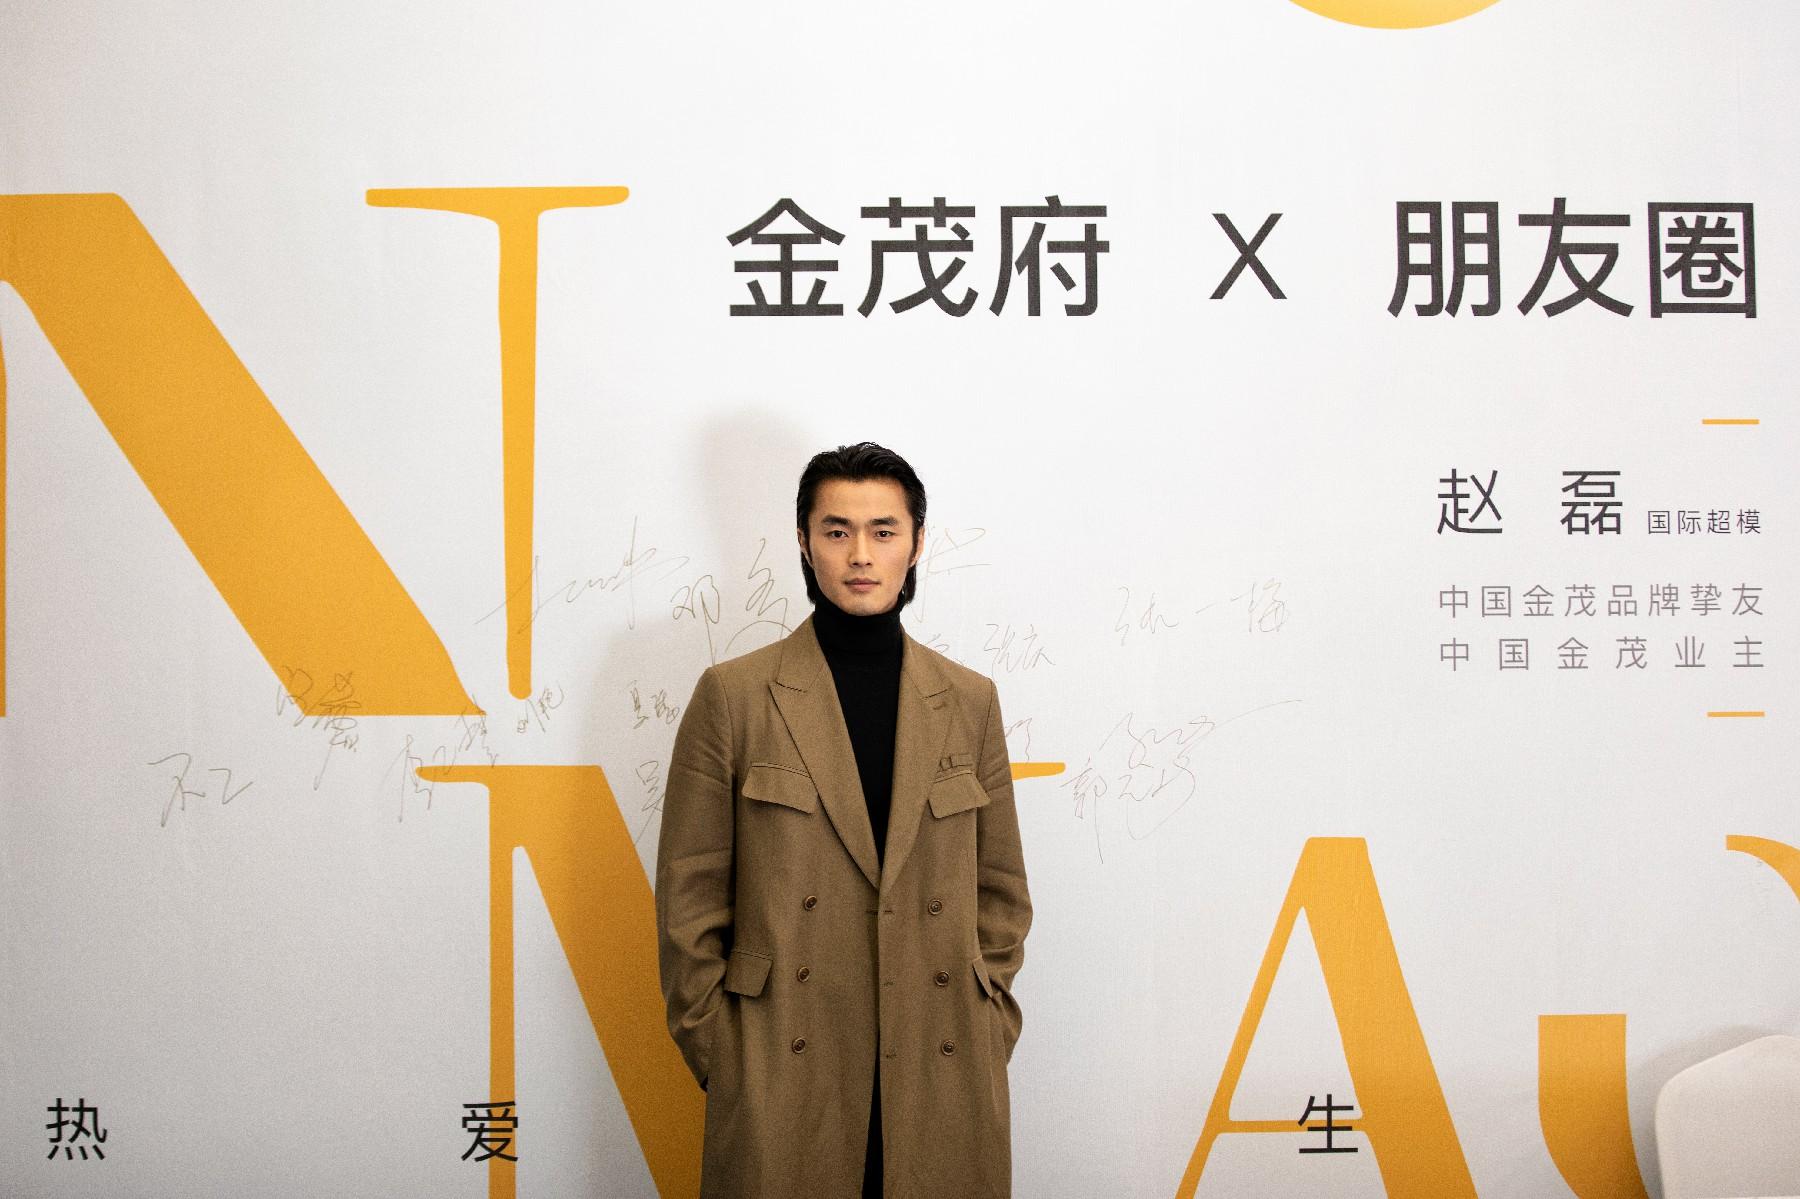 超模赵磊出席金茂品牌活动 长西装展现优雅成熟魅力